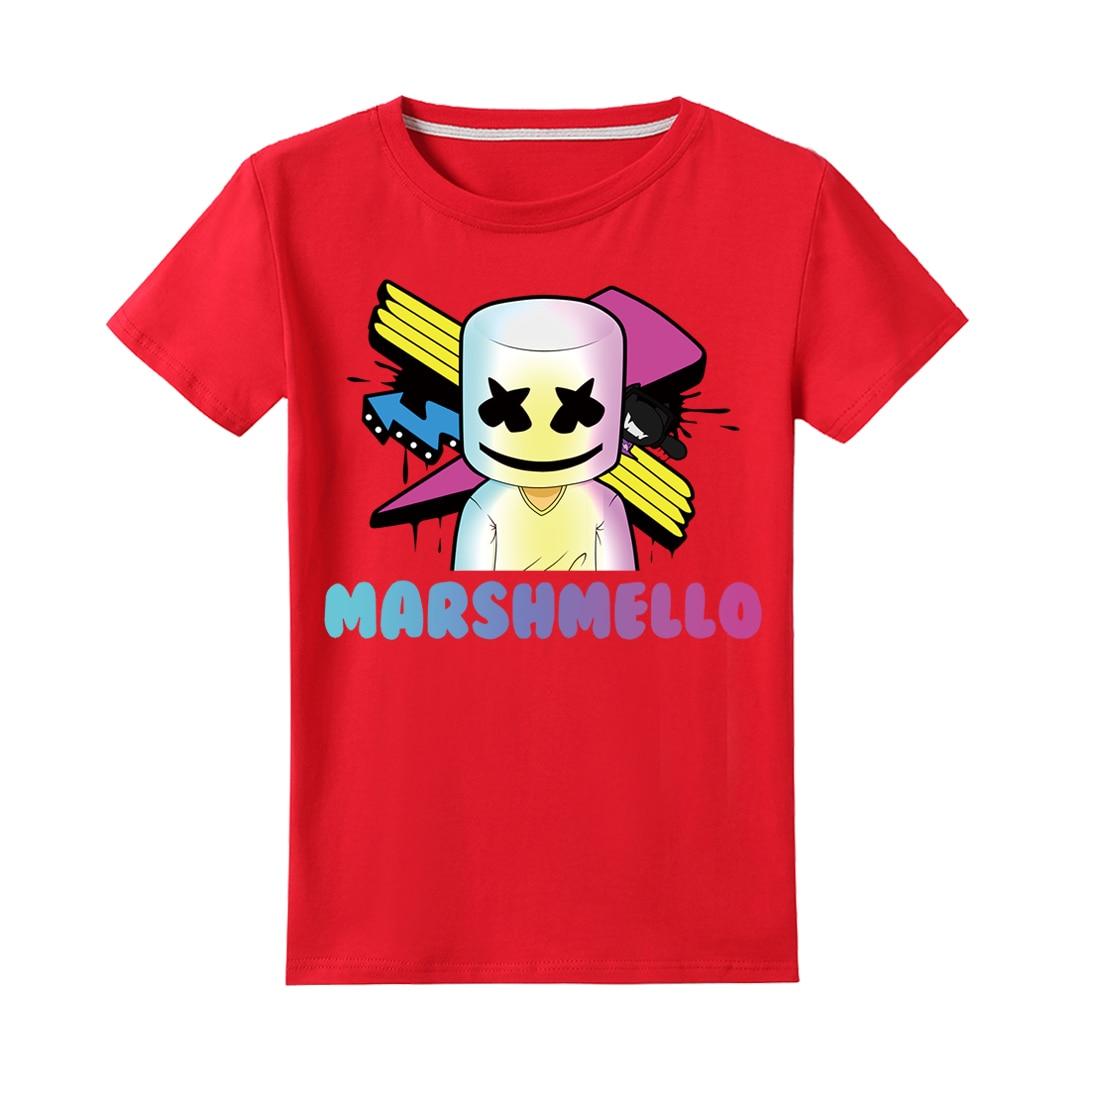 Nachdenklich 2019 Neue Marshmello Dj Musik Kinder T-shirt Kinder T-shirt Für Jungen Mädchen Top Fornite Spiel Fortnight Fortinet Sommer Baby T-shirt Verschiedene Stile